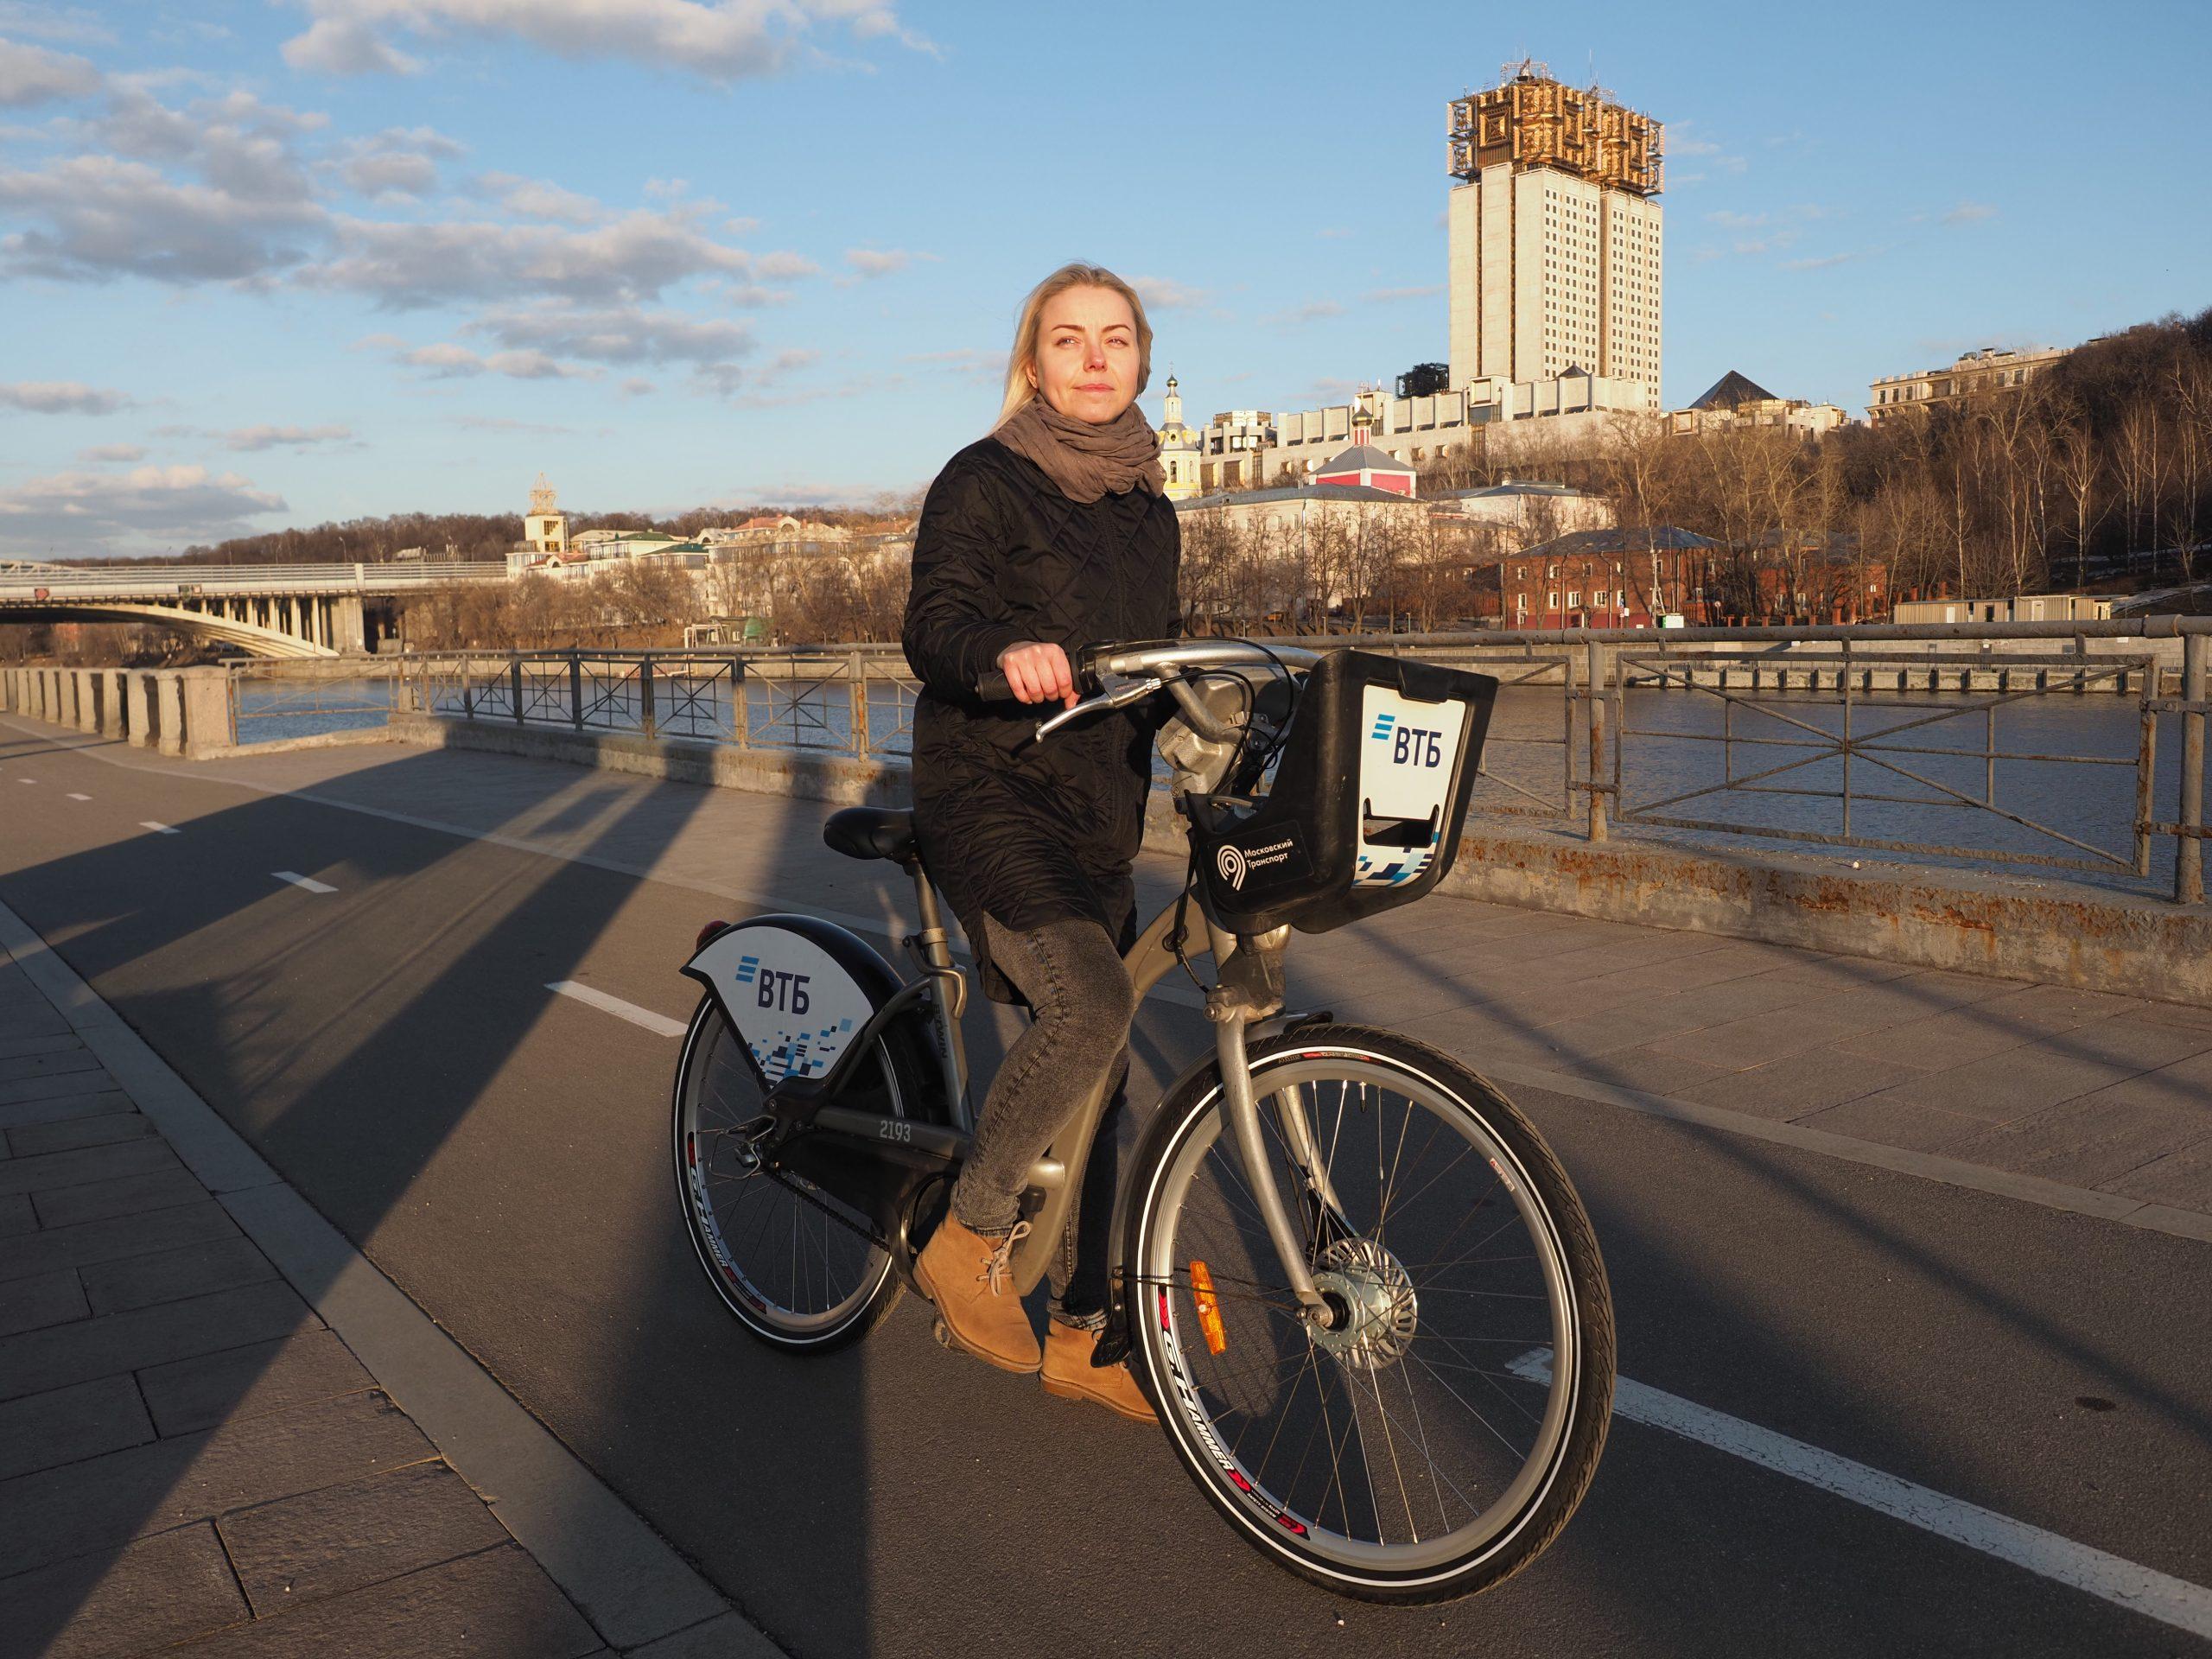 Москвичка Надежда Егорова взяла напрокат велосипед. Она предпочитает ездить по набережным ЦАО. Фото: Антон Гердо